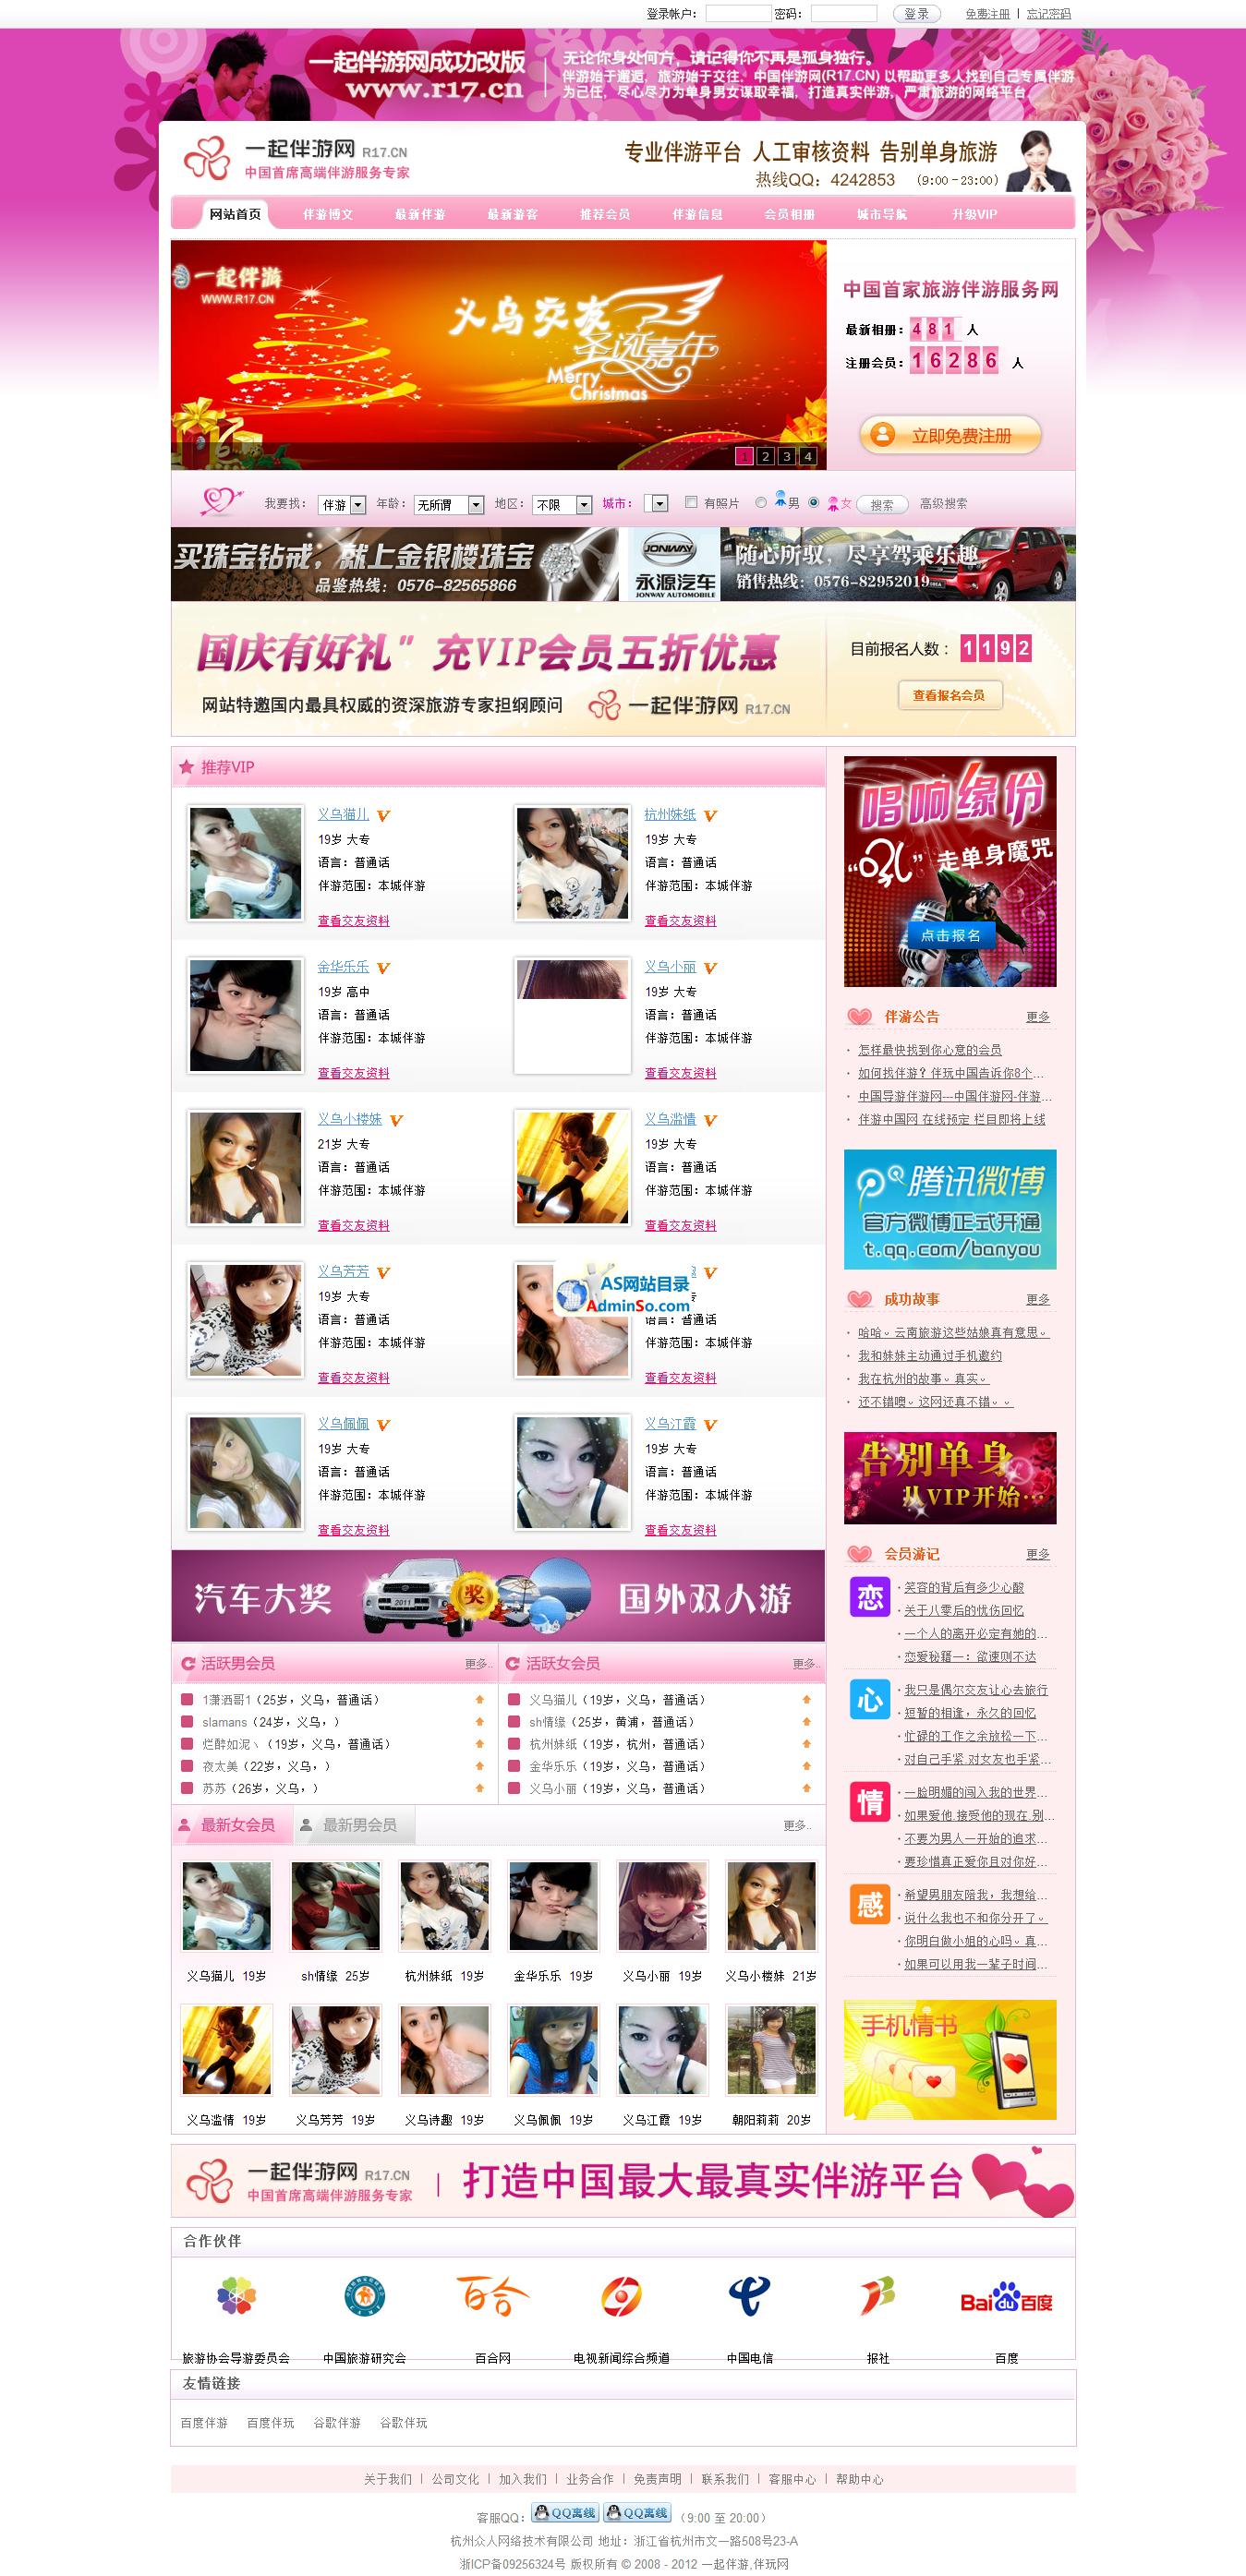 一起伴游网中国私人伴游伴玩网整站下载